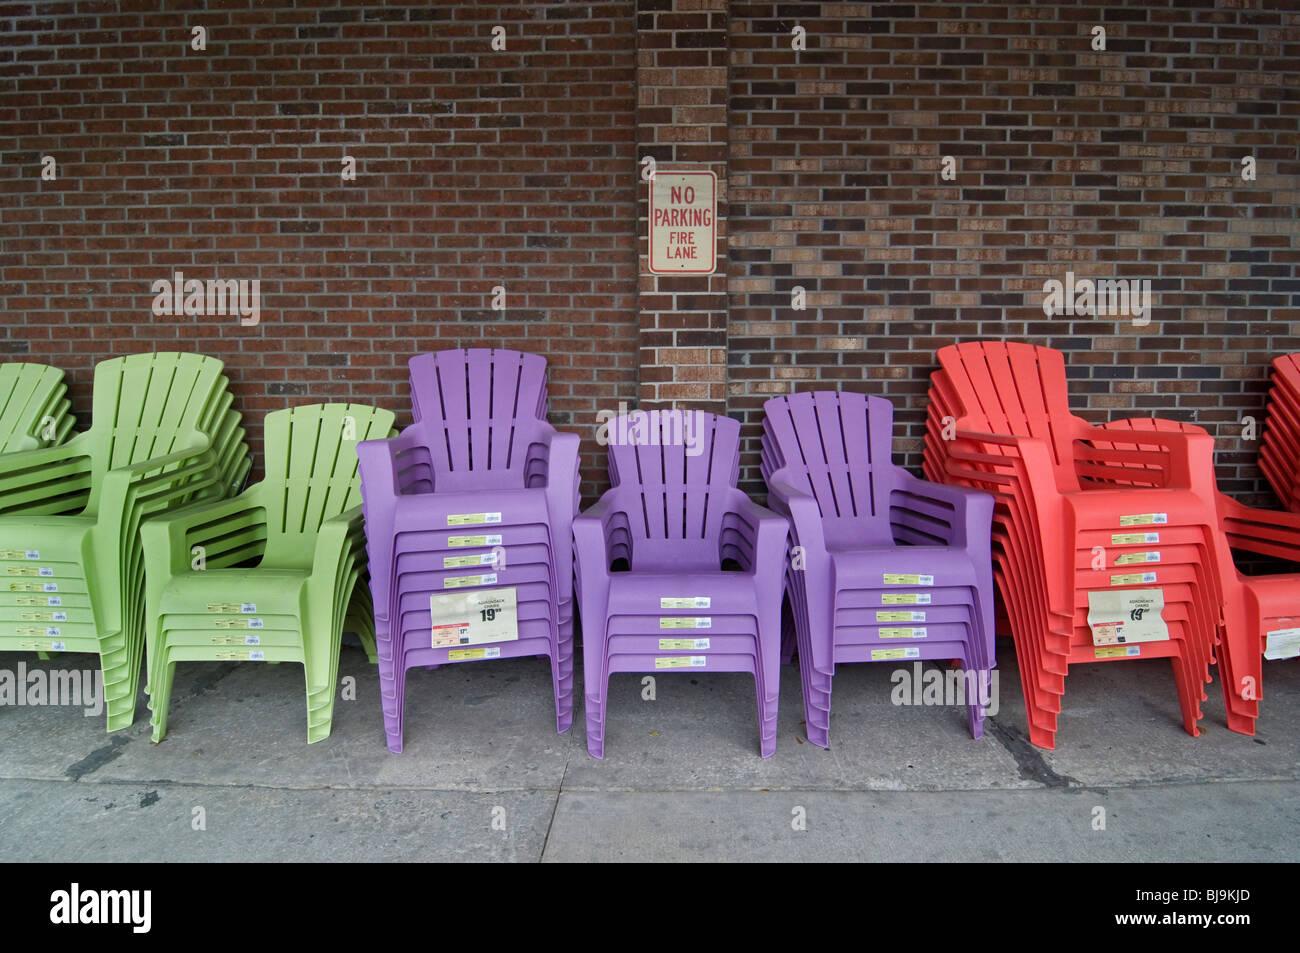 Vendita Sedie A Sdraio.Piu In Plastica Colorate Sedie A Sdraio Per Vendita Allineate In